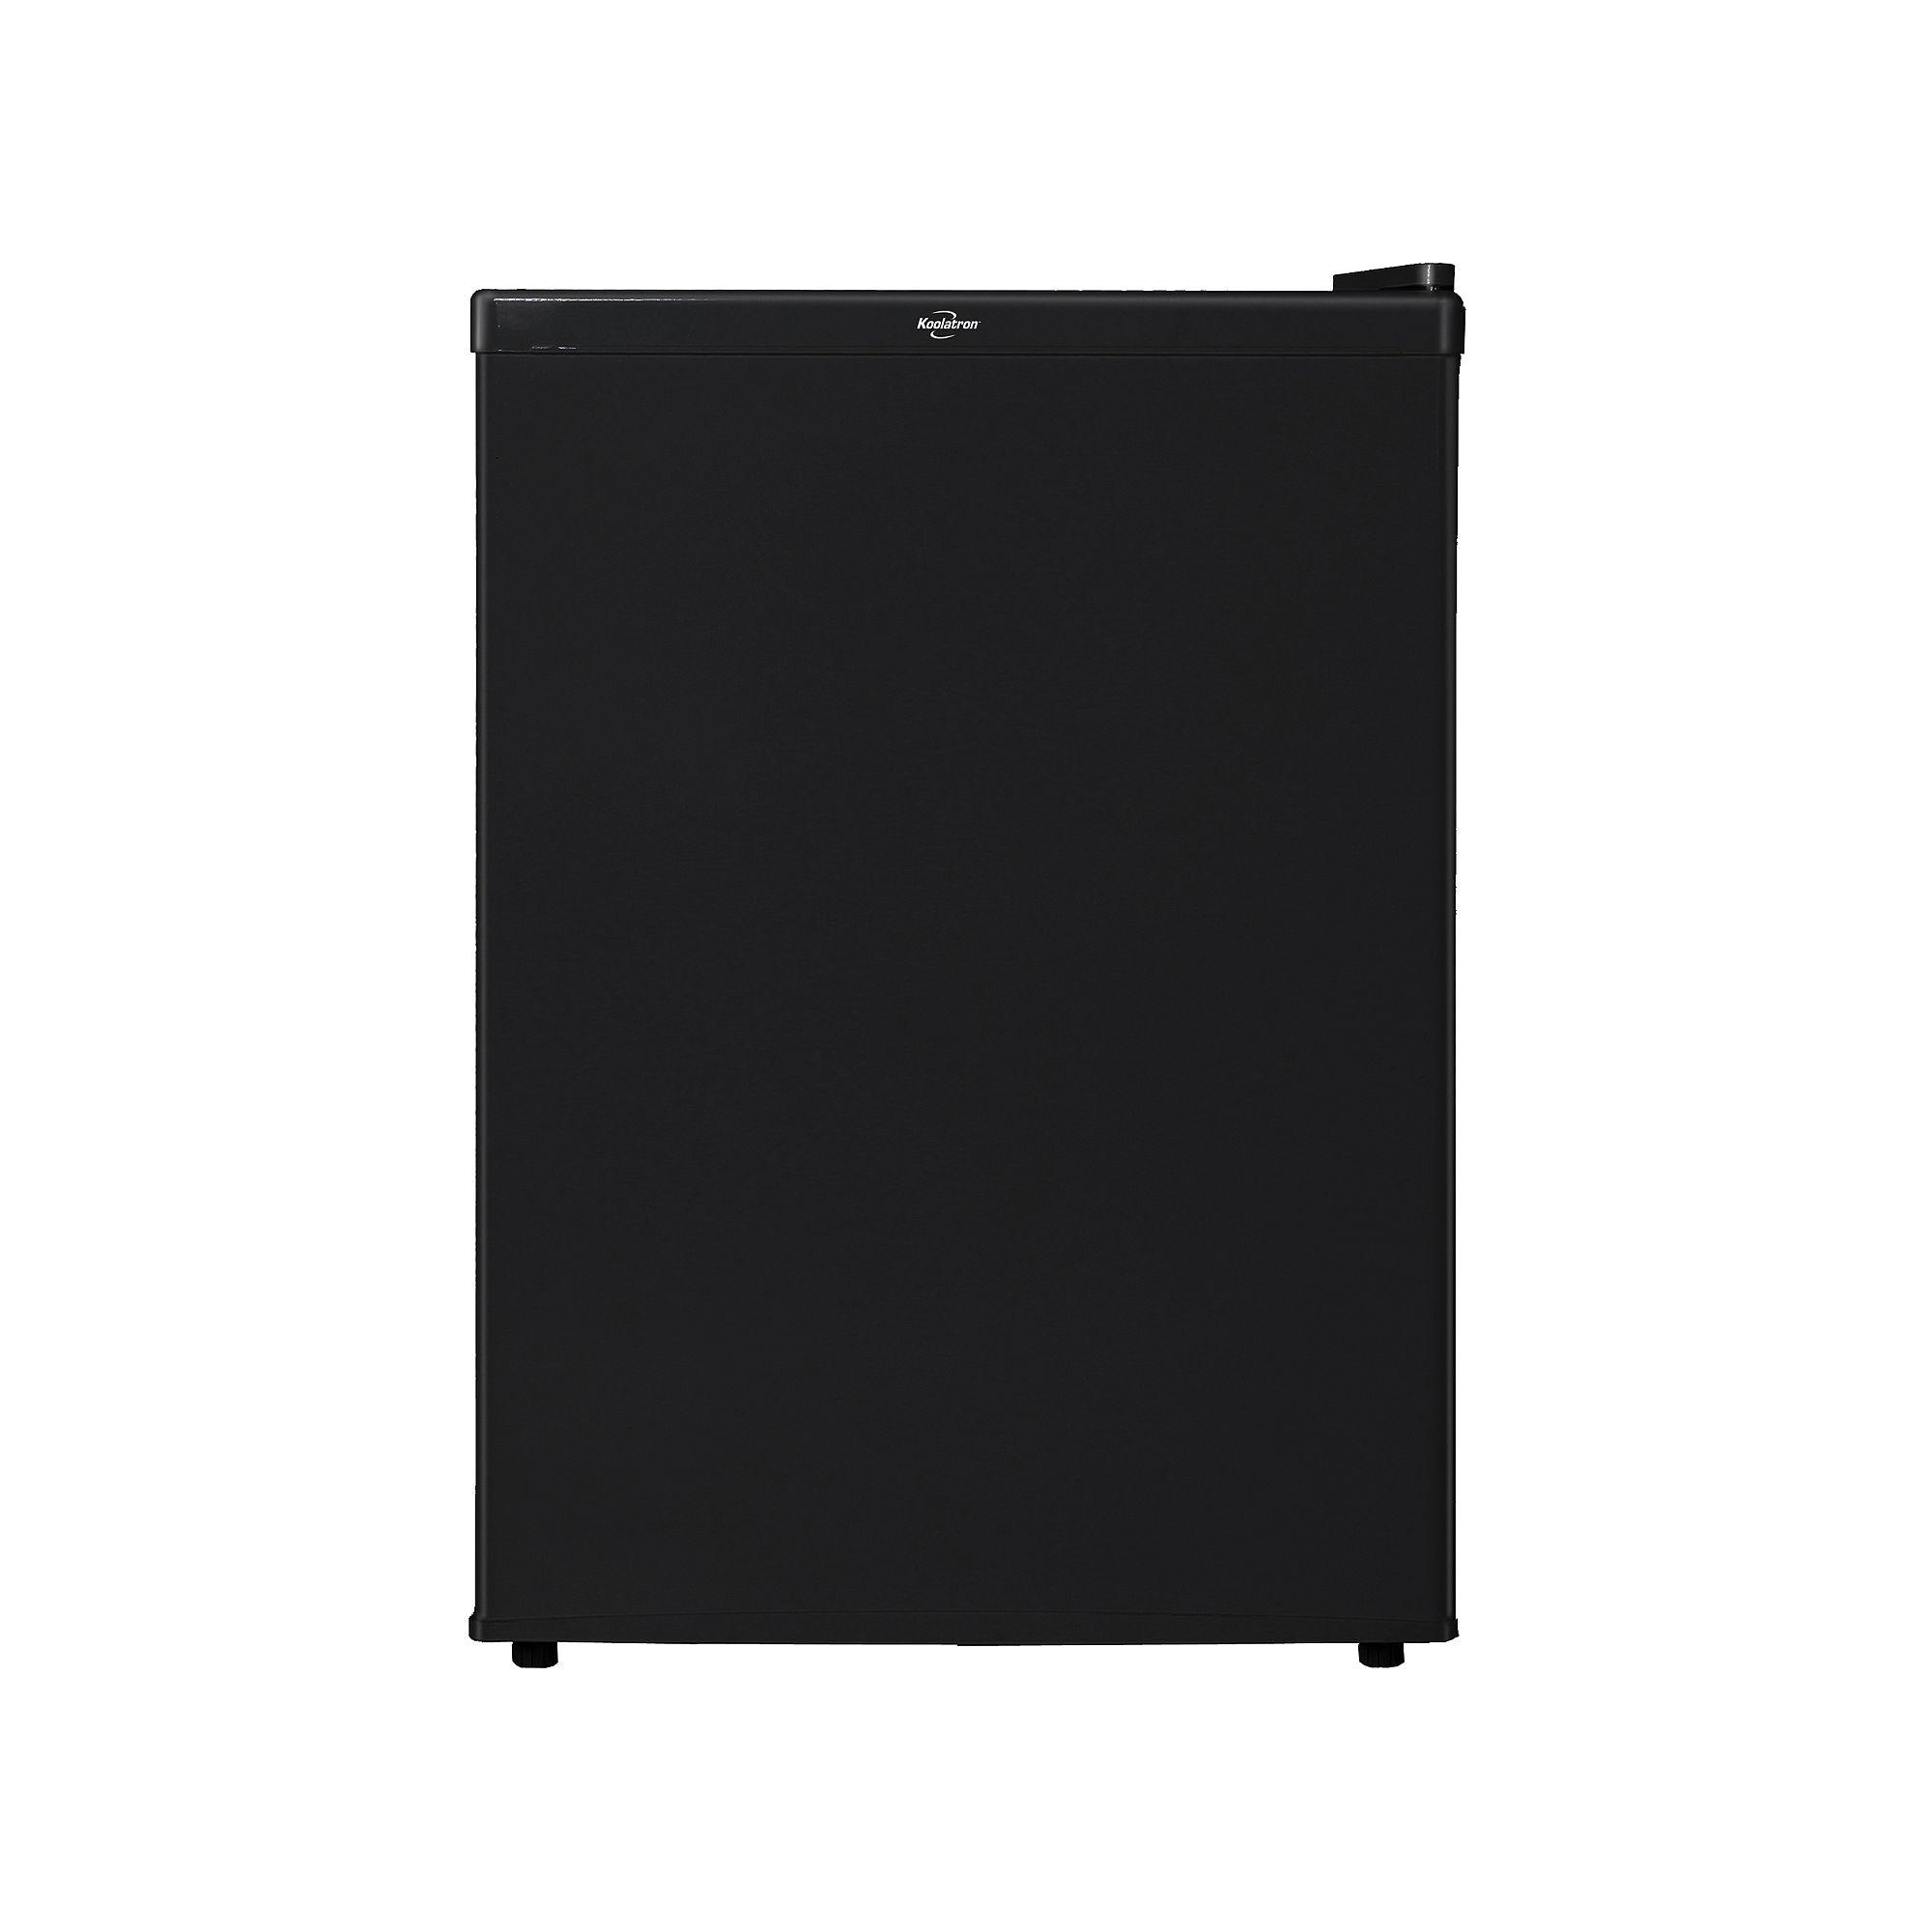 Koolatron Compressor Refrigerator 2.56 Cu Ft